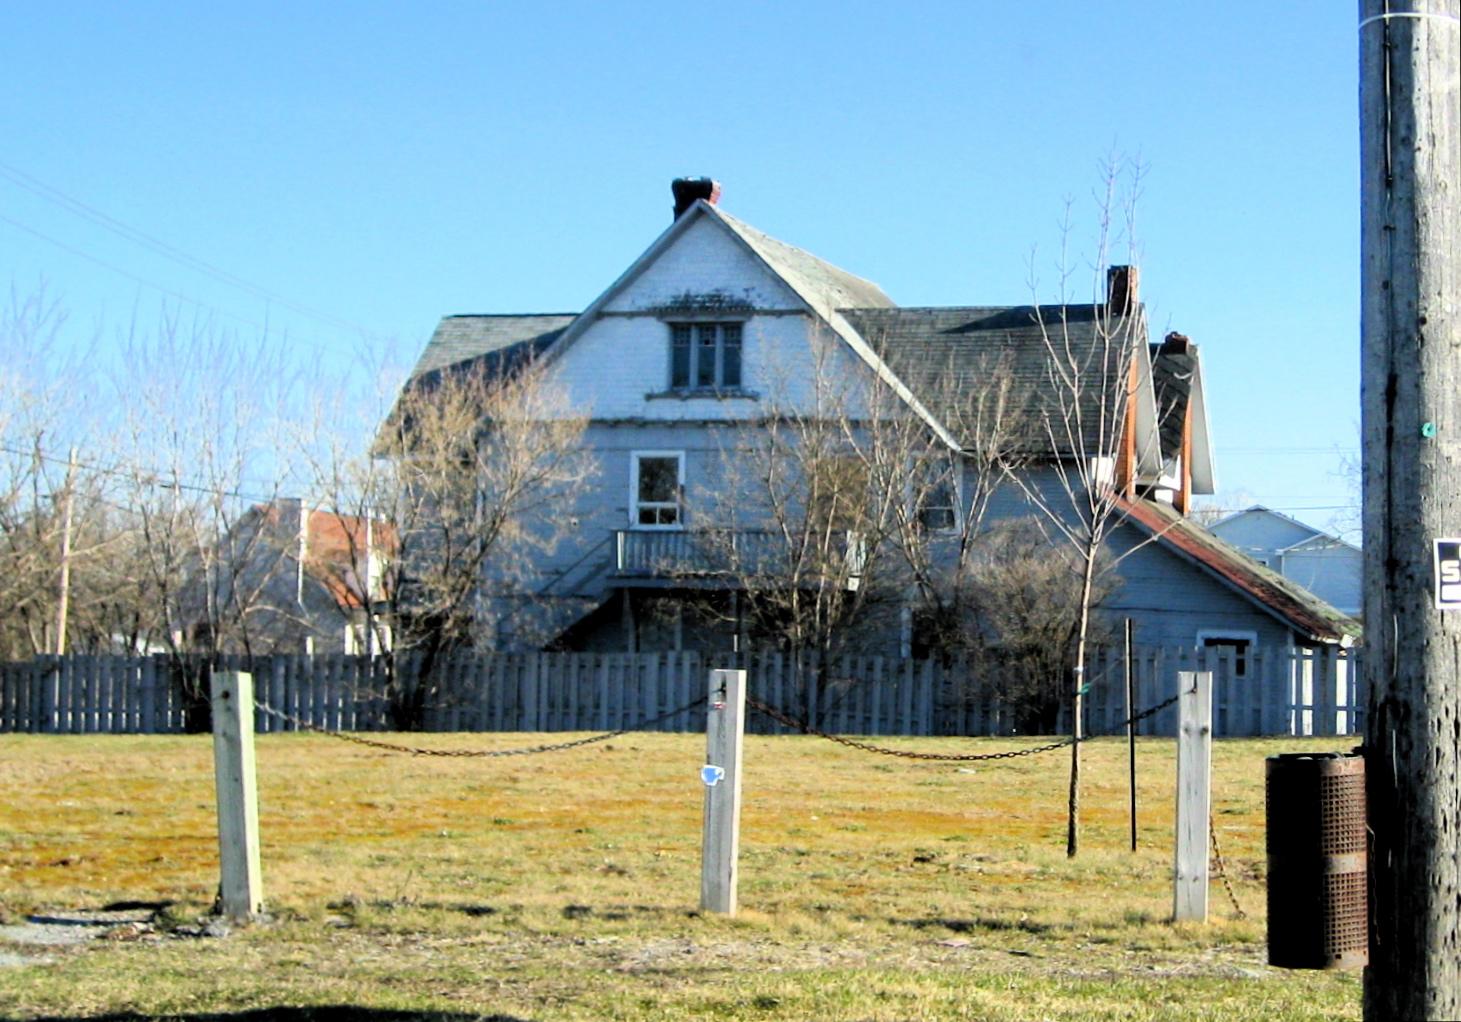 Maison grise avant les rénovations de 2010-2012,  Collection Lisa Mibach, Association des résidents de Deschênes, Gatineau.